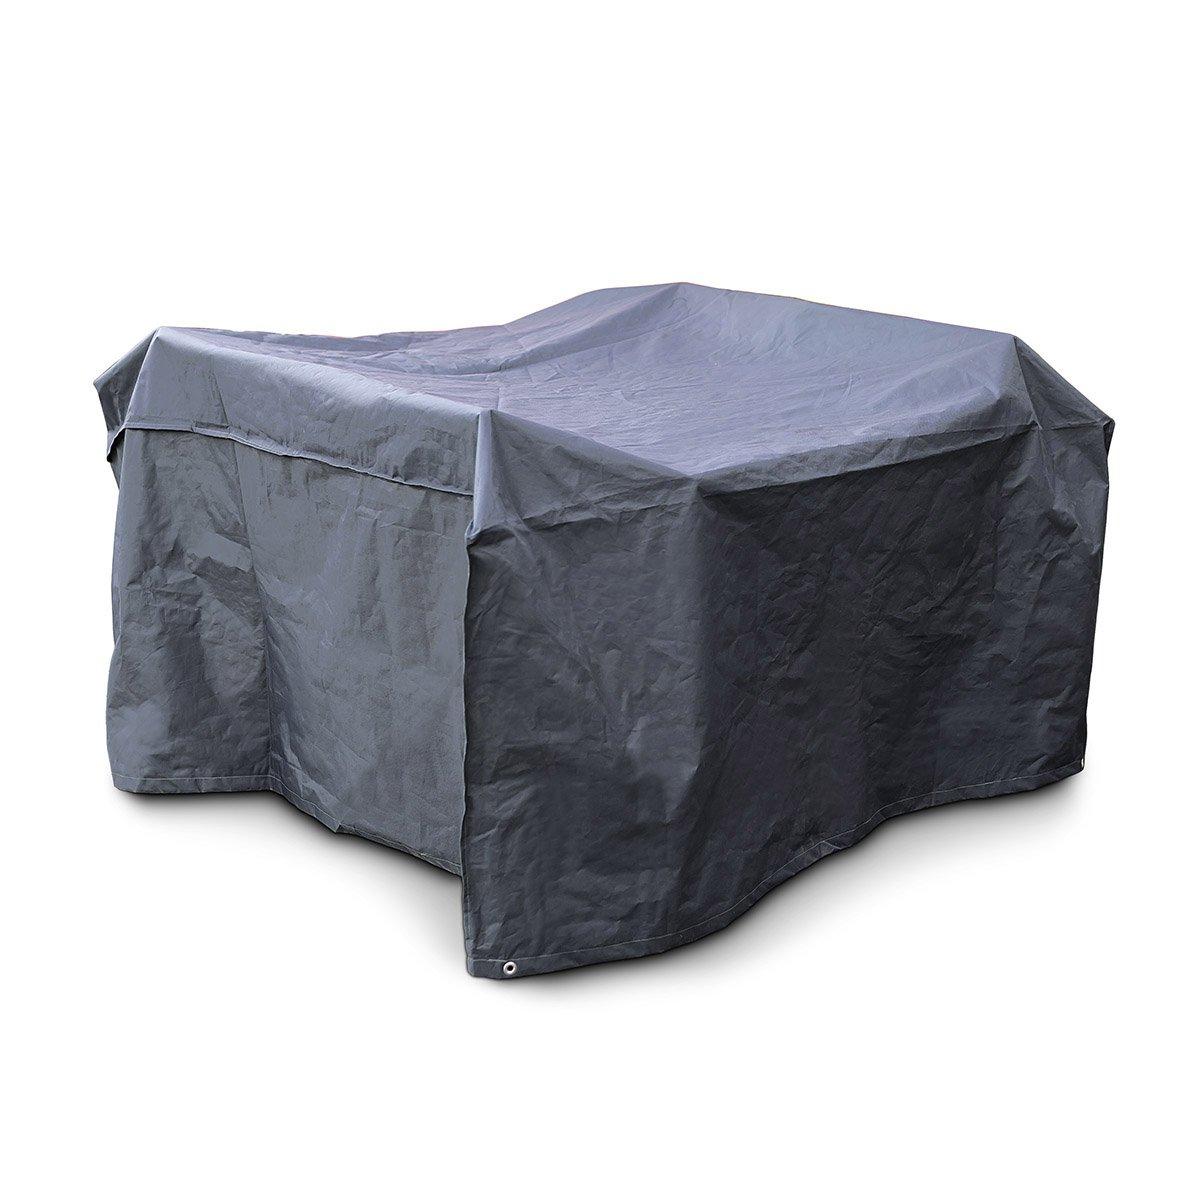 Relaxdays Schutzhülle Sitzgruppe, reißfeste Abdeckplane, Wetterschutz, Kunststoff, H x B x T: 70 x 160 x 200 cm, grau reißfeste Abdeckplane 10019003